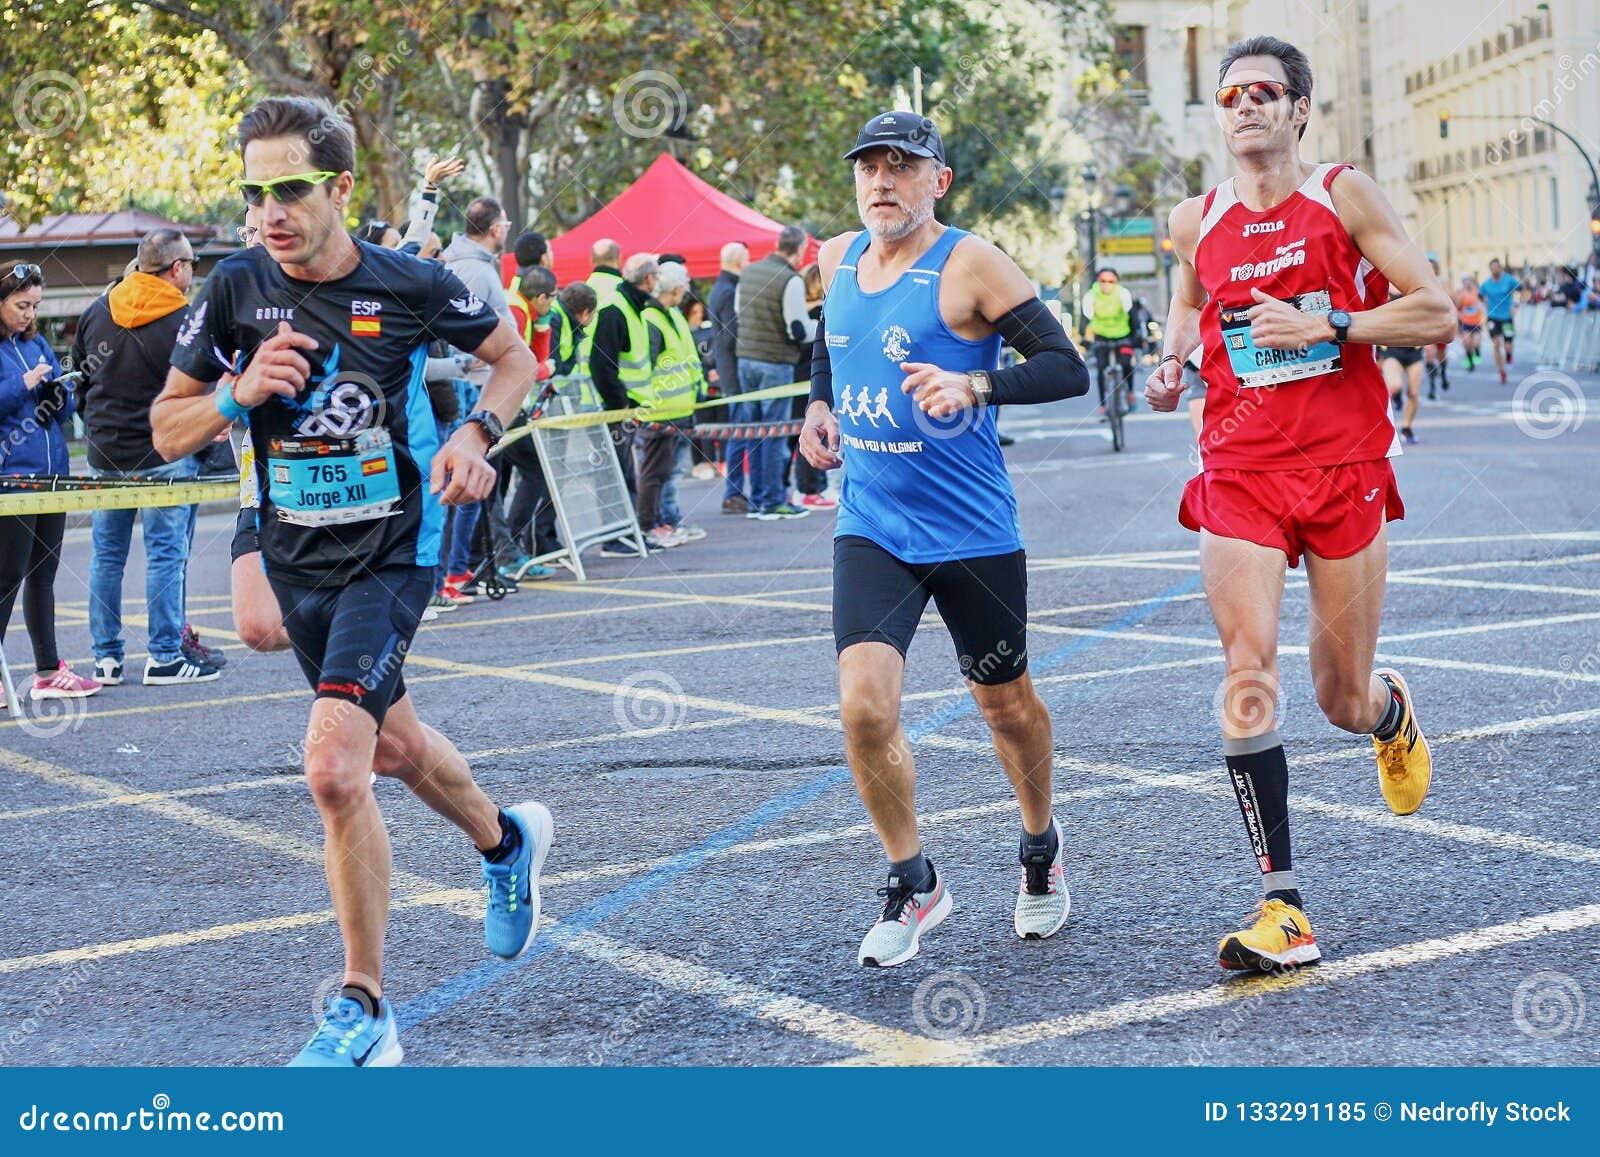 VALENCIA, ESPAÑA - 2 DE DICIEMBRE: Los corredores compiten en el XXXVIII Valencia Marathon el 18 de diciembre de 2018 en Valencia